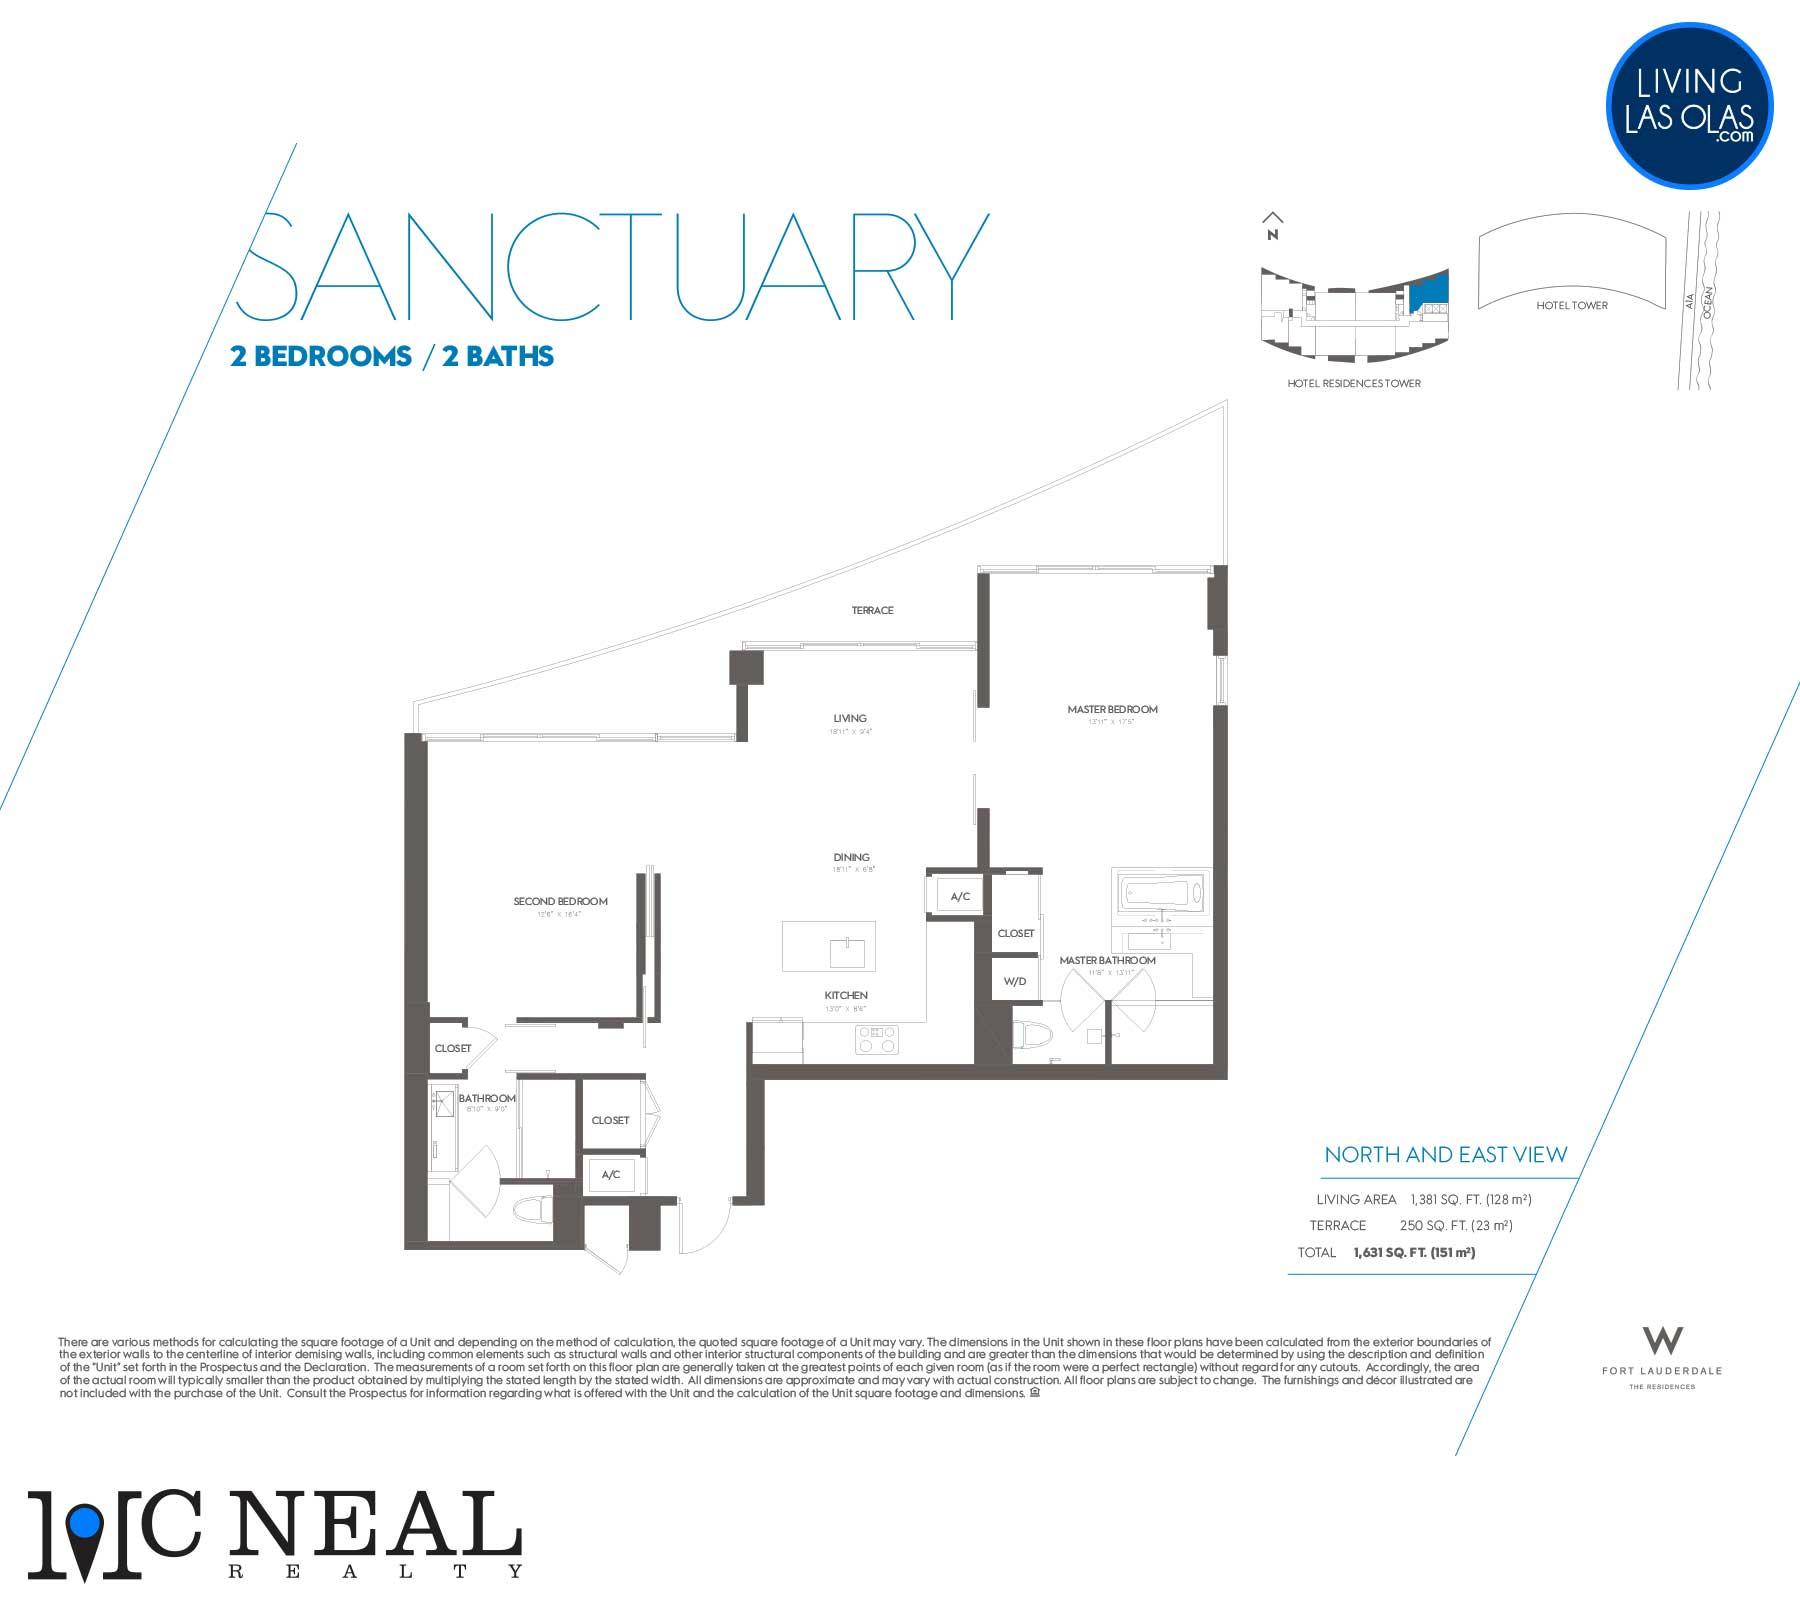 W Residences Fort Lauderdale Floor Plans Sanctuary